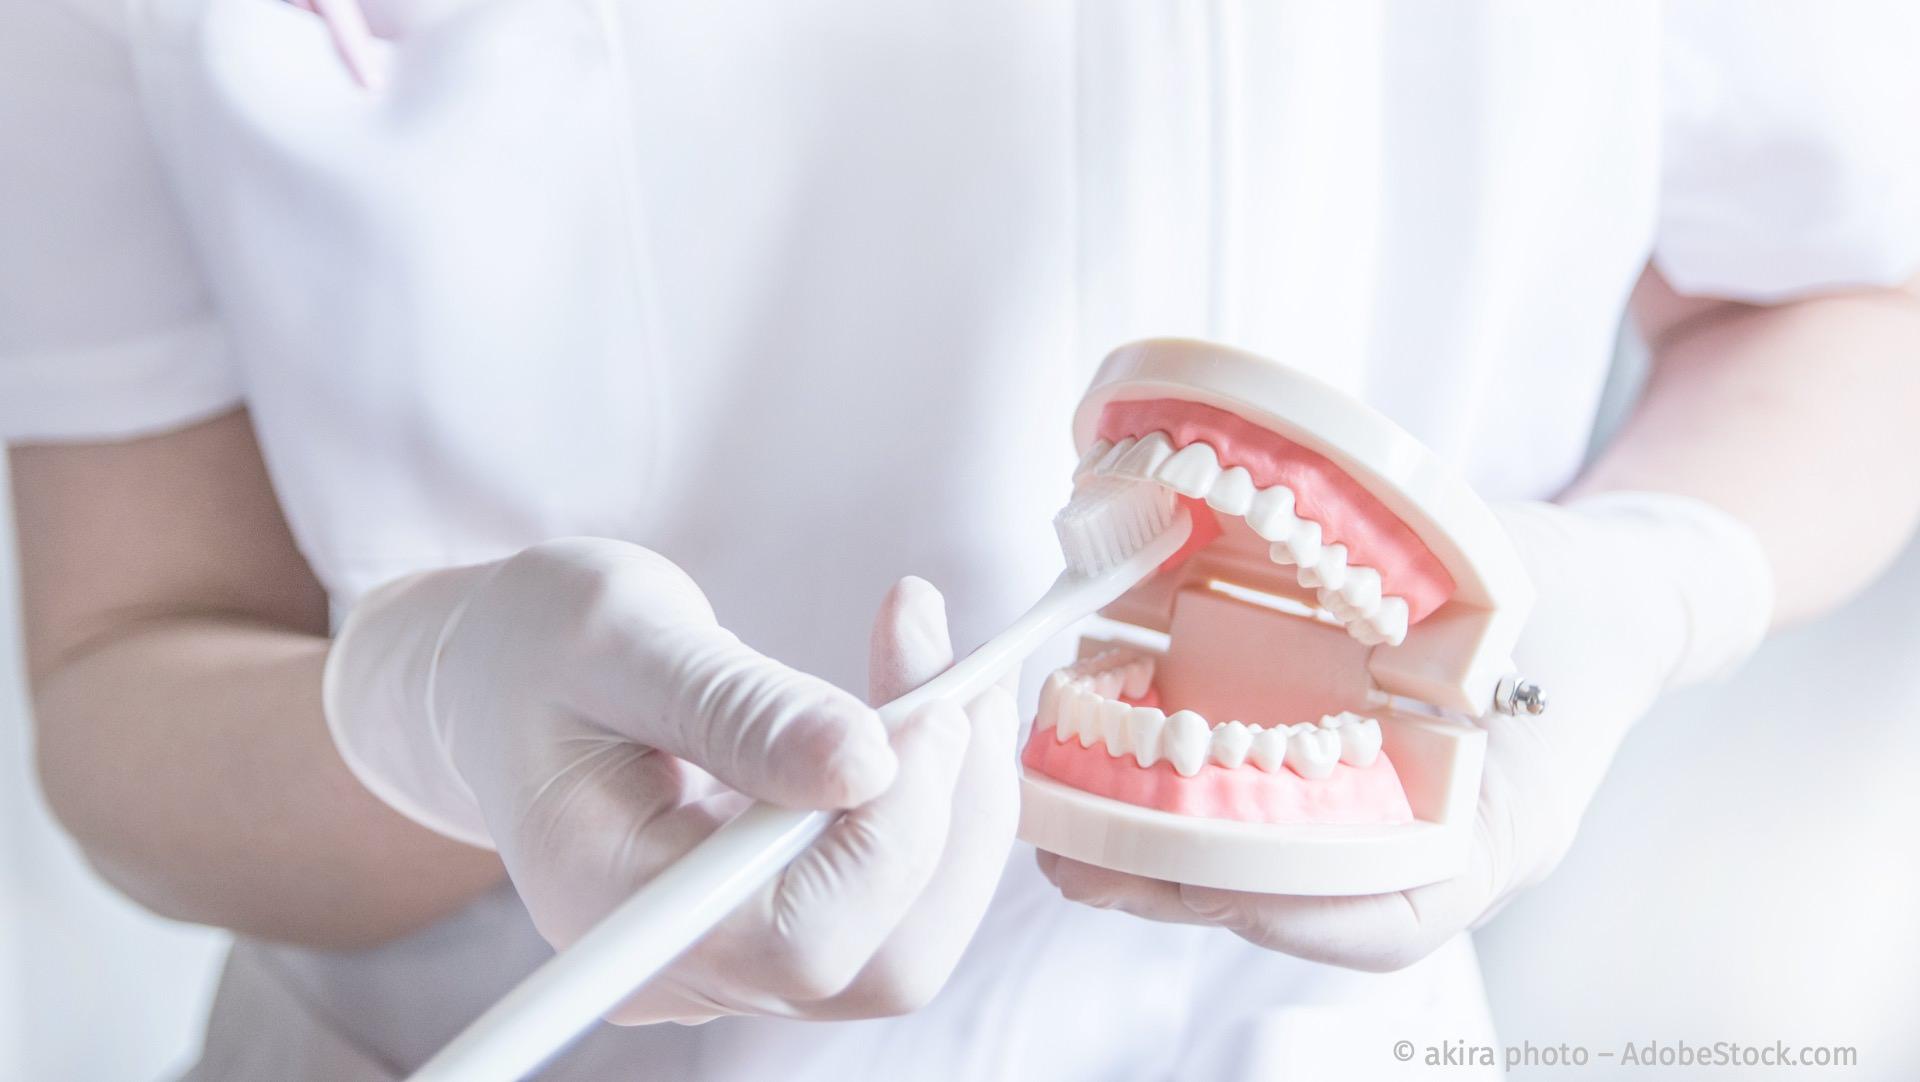 Tipps zur Mundgesundheit